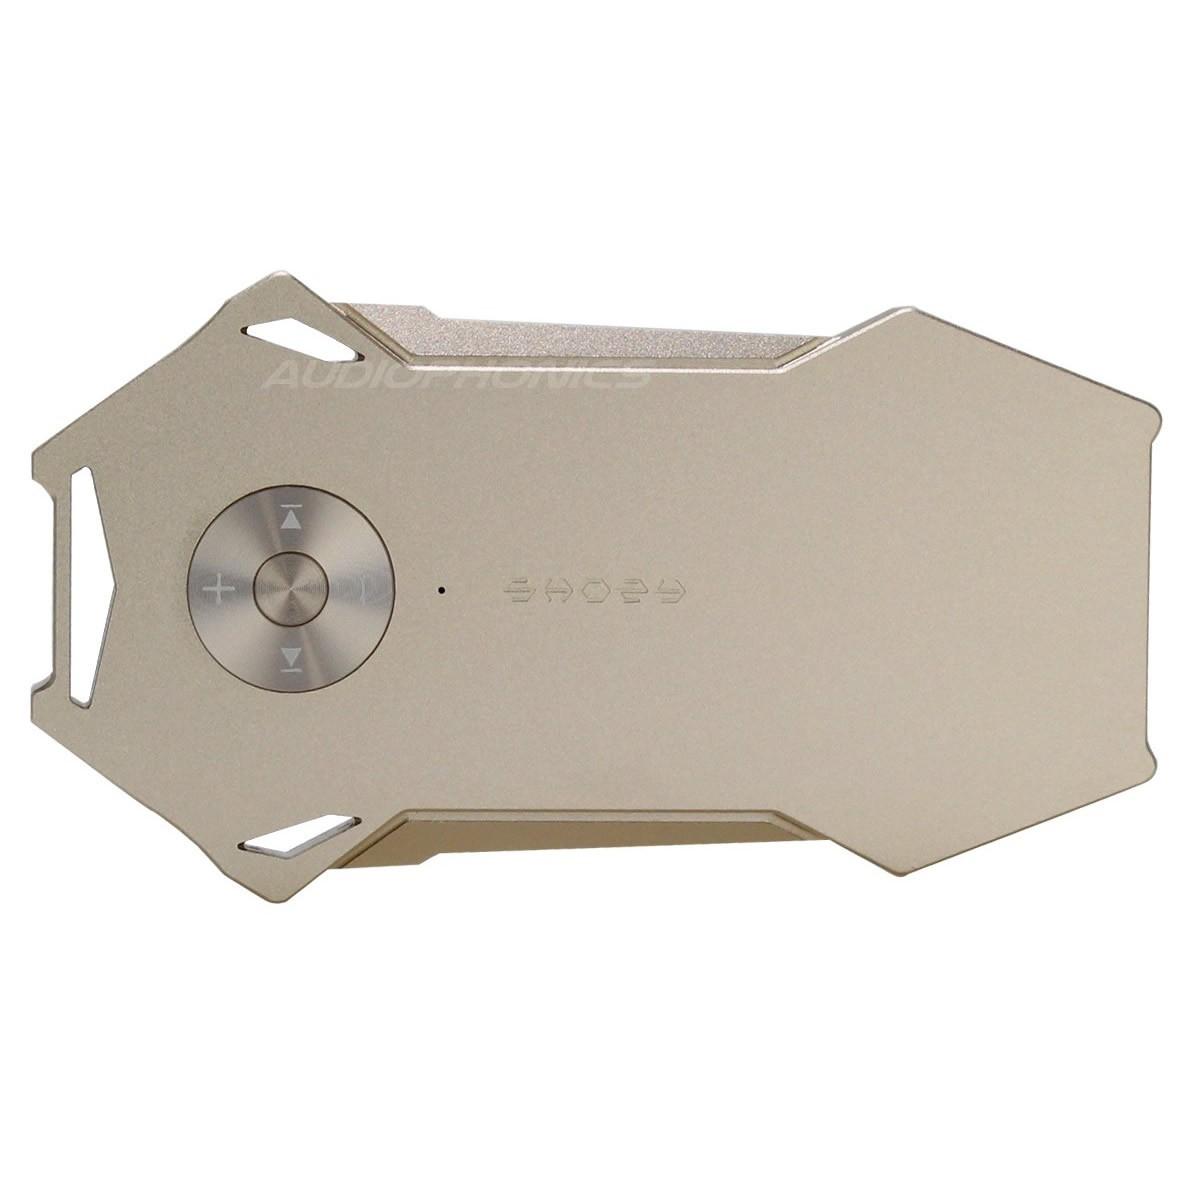 SHOZY Alien DAP Baladeur numerique Aluminium Haute fidélité Lossless Gold